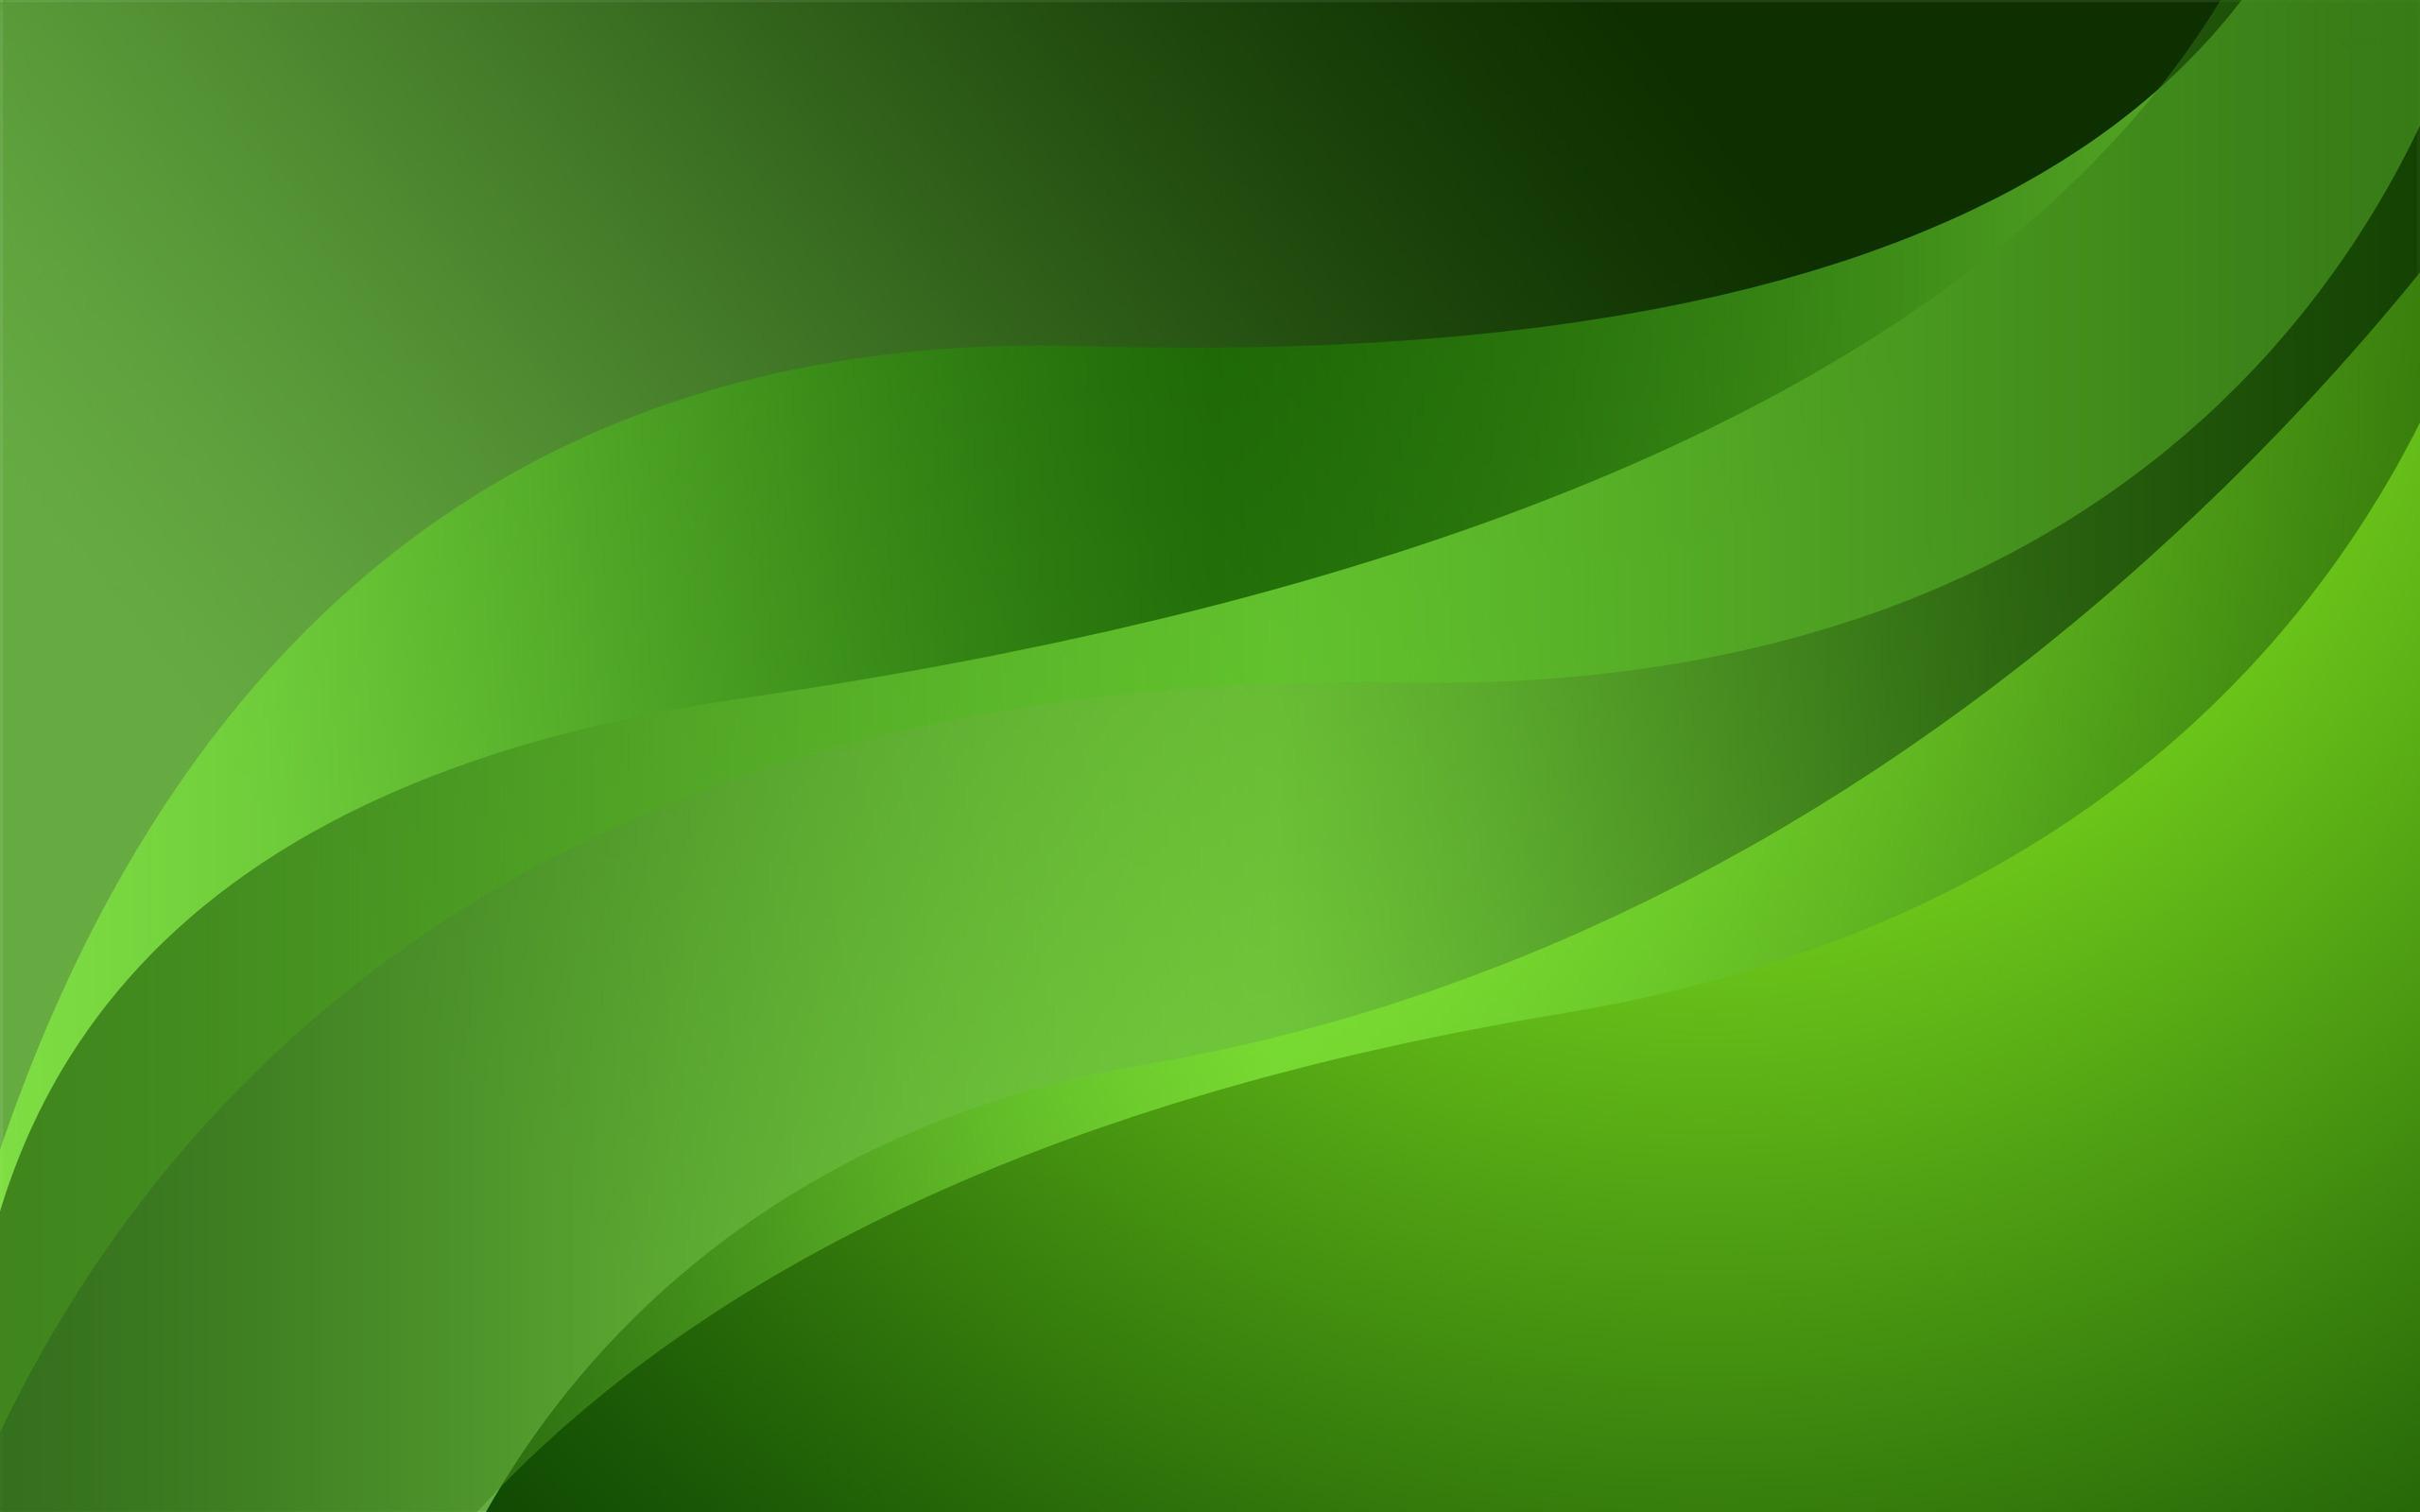 HD Abstract Green Wallpaper | PixelsTalk.Net